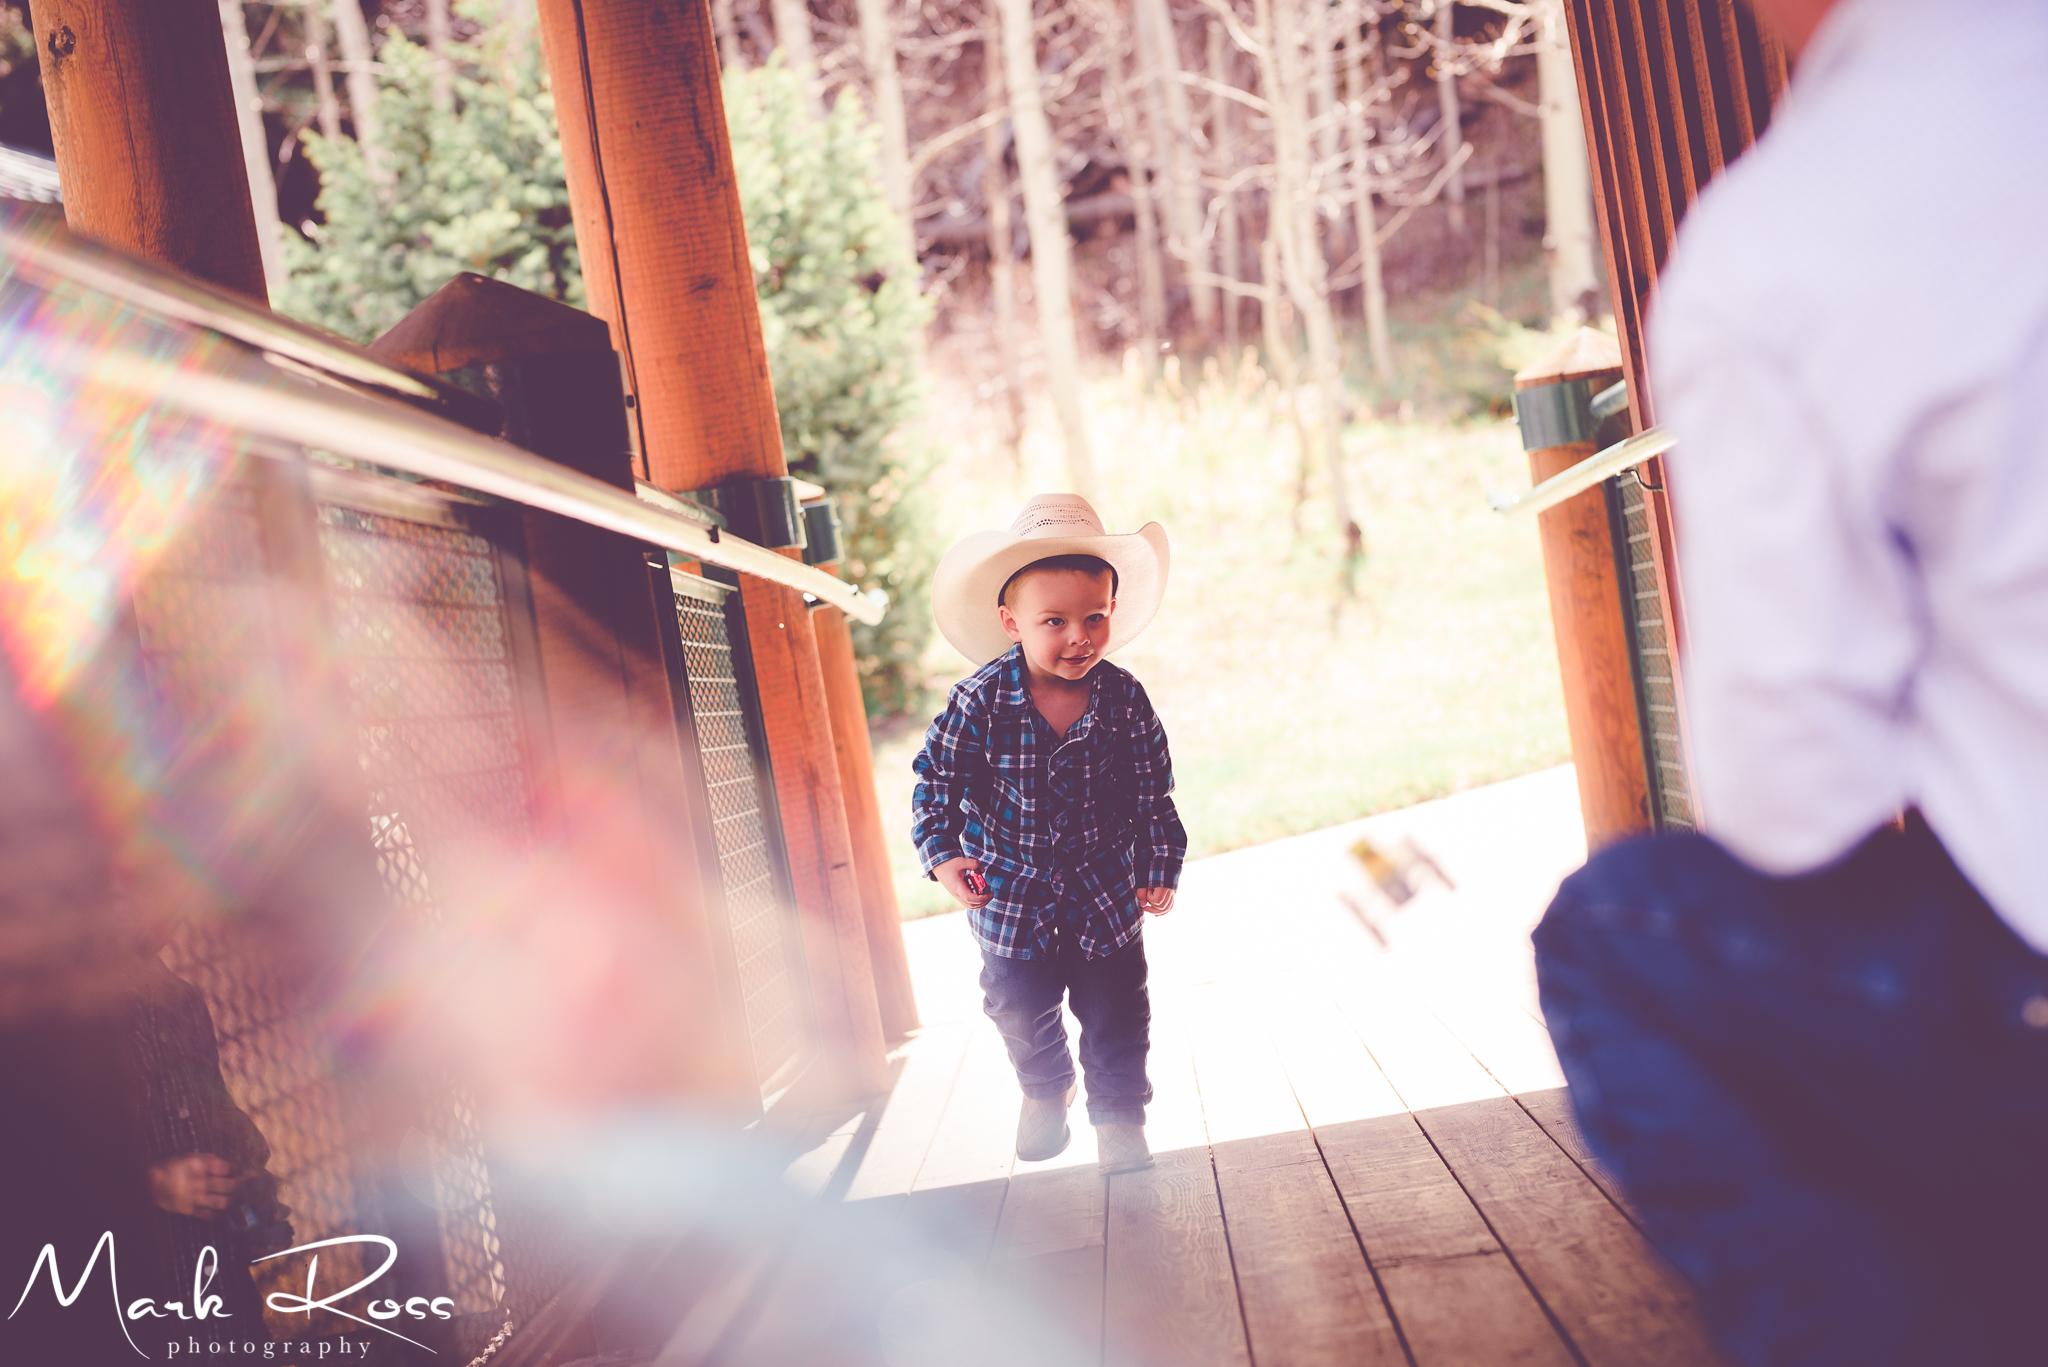 Denver-Family-Photographer-Blog-Mark-Ross-Photography-Glas-Family-12.jpg